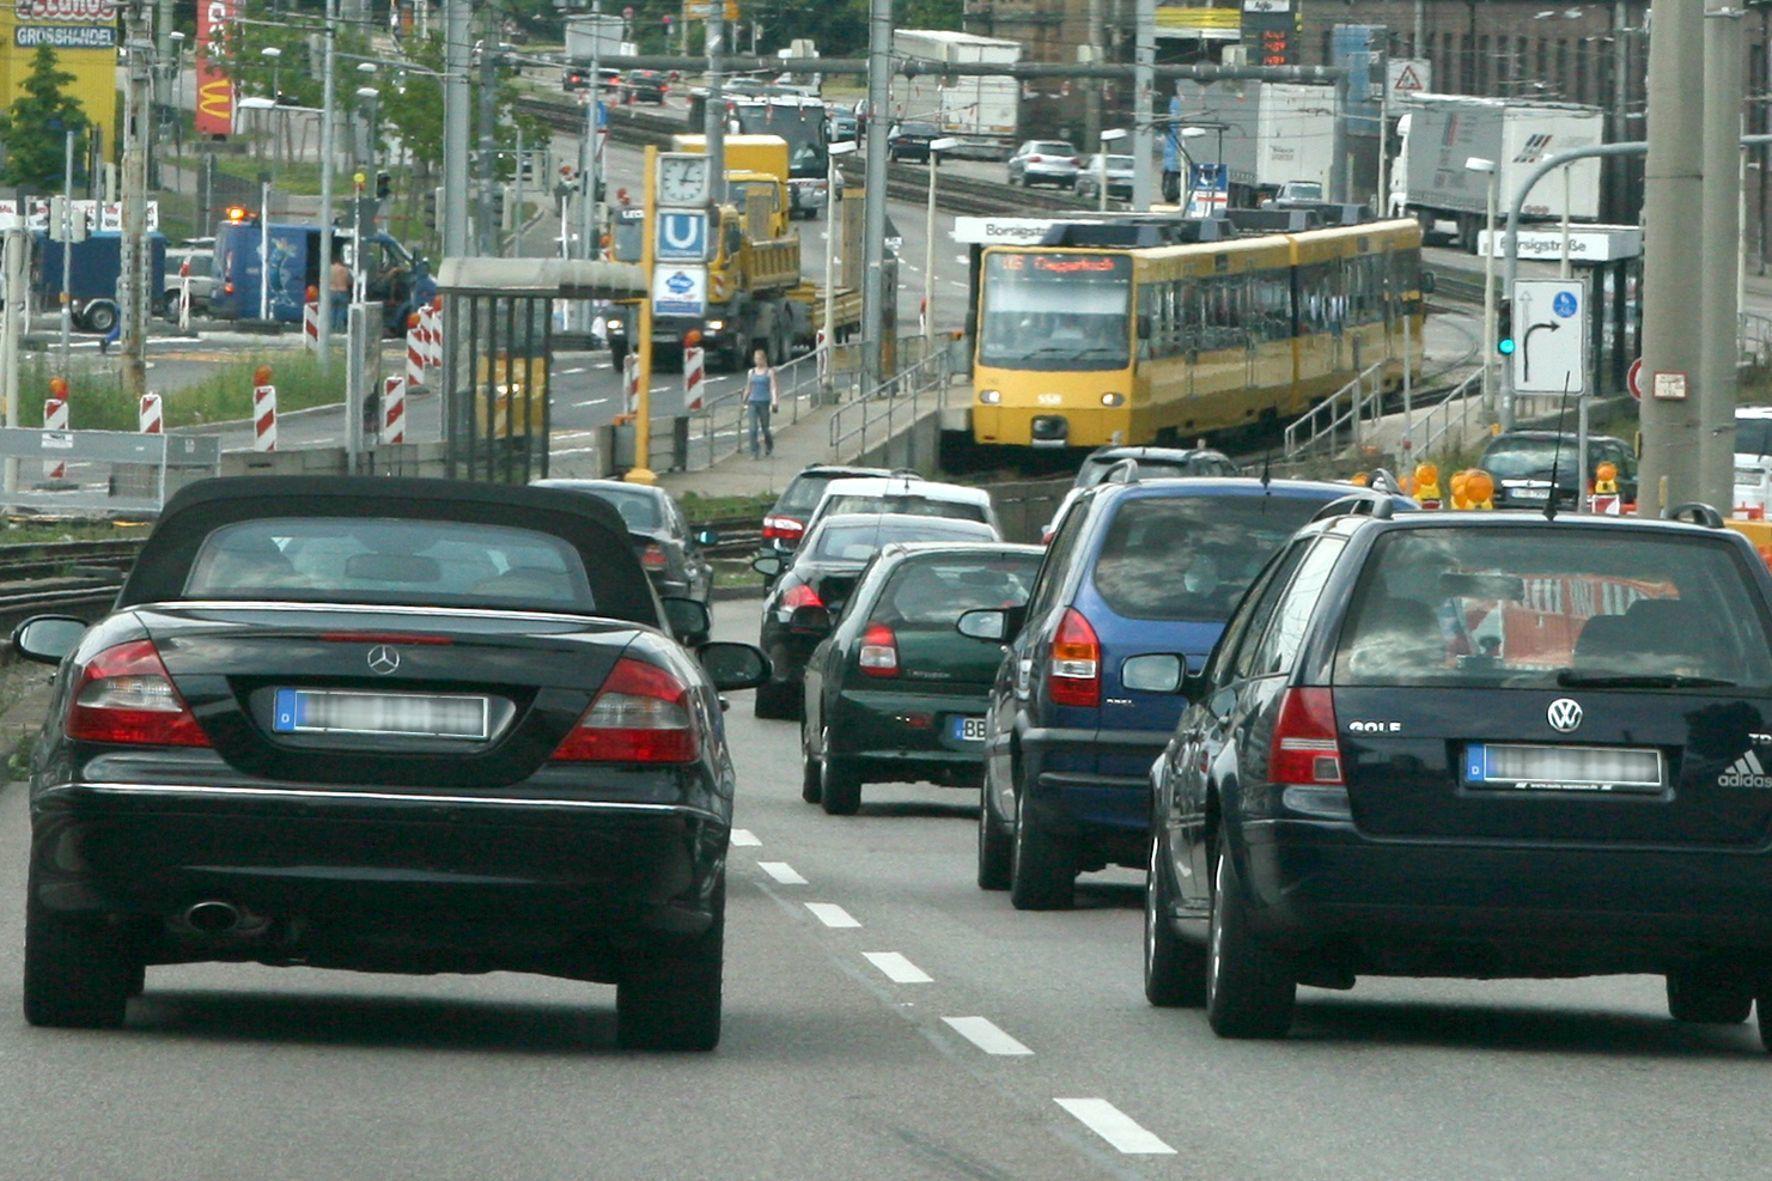 mid Groß-Gerau - Der Verkehr in Städten könnte durch eine Digitalisierung der Parkplätze reduziert werden, weil das Herumfahren und Suchen dann weitestgehend entfallen würde.